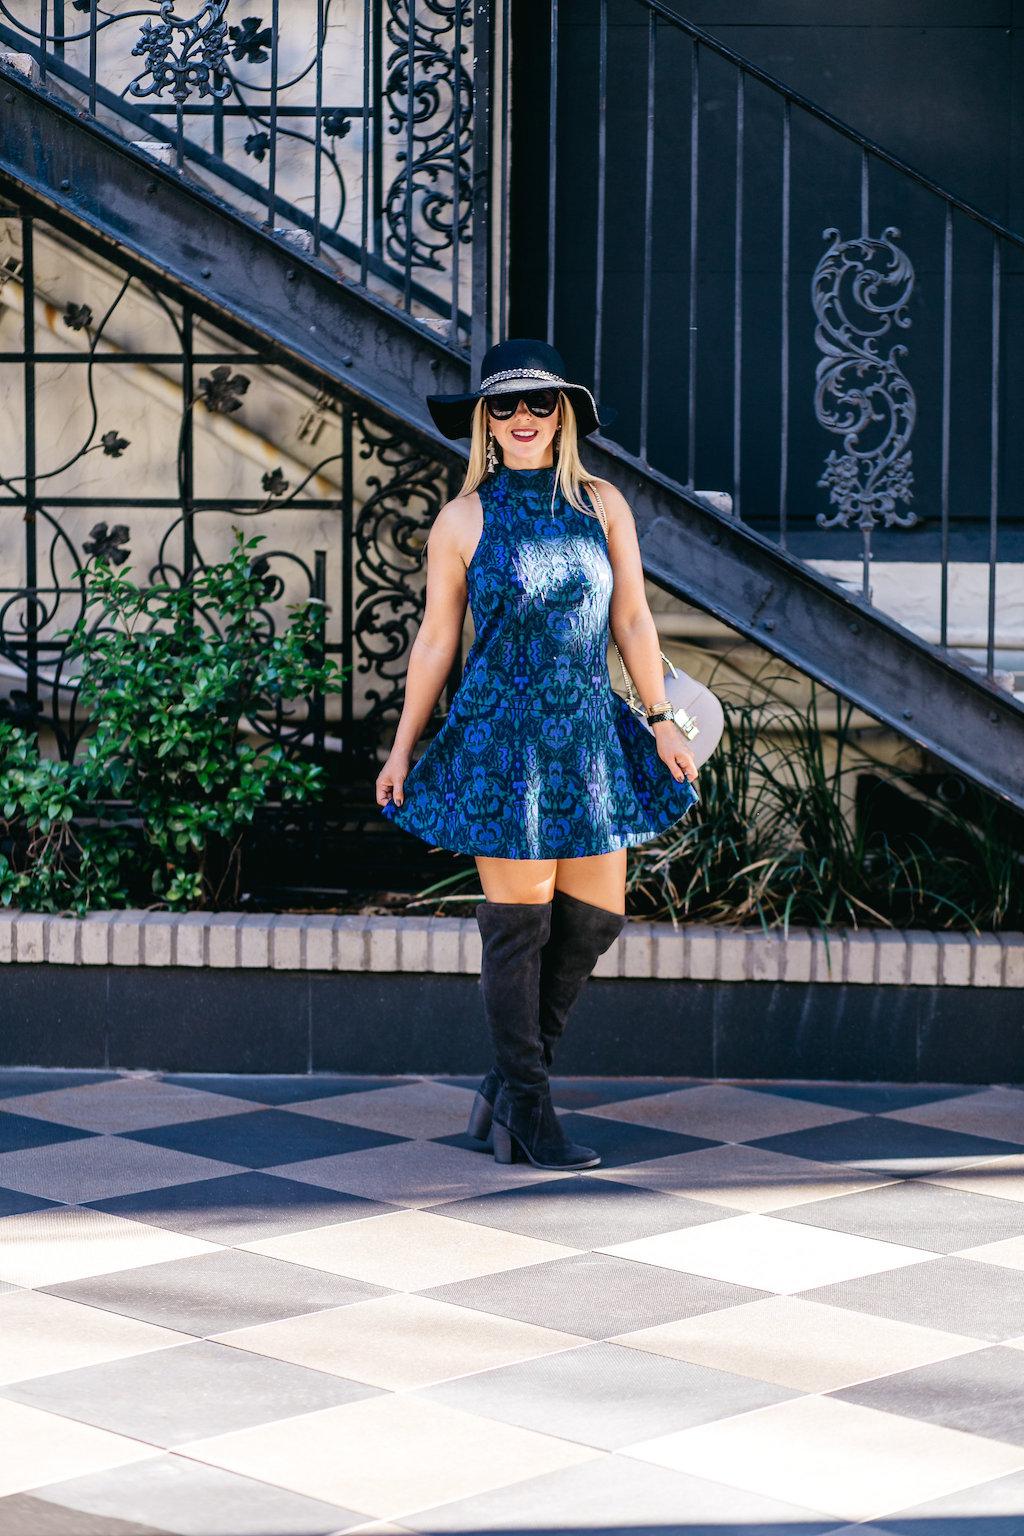 Dallas Fashion Blog| The Darling Petite Diva